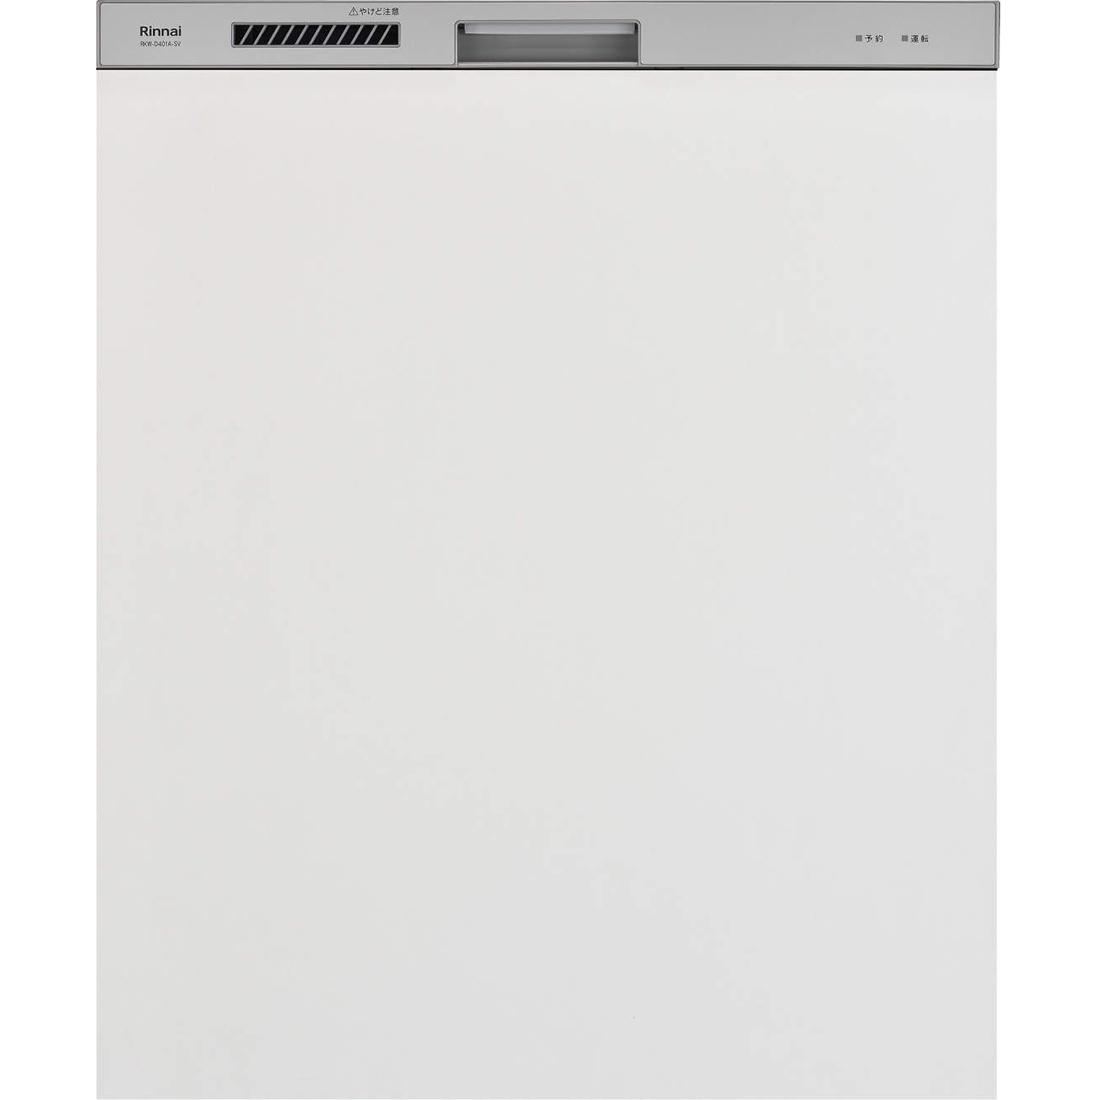 ▽###リンナイ 食器洗い乾燥機【RSW-D401AE-SV】シルバー 深型スライドオープン おかってカゴタイプ 幅45cm スタンダード